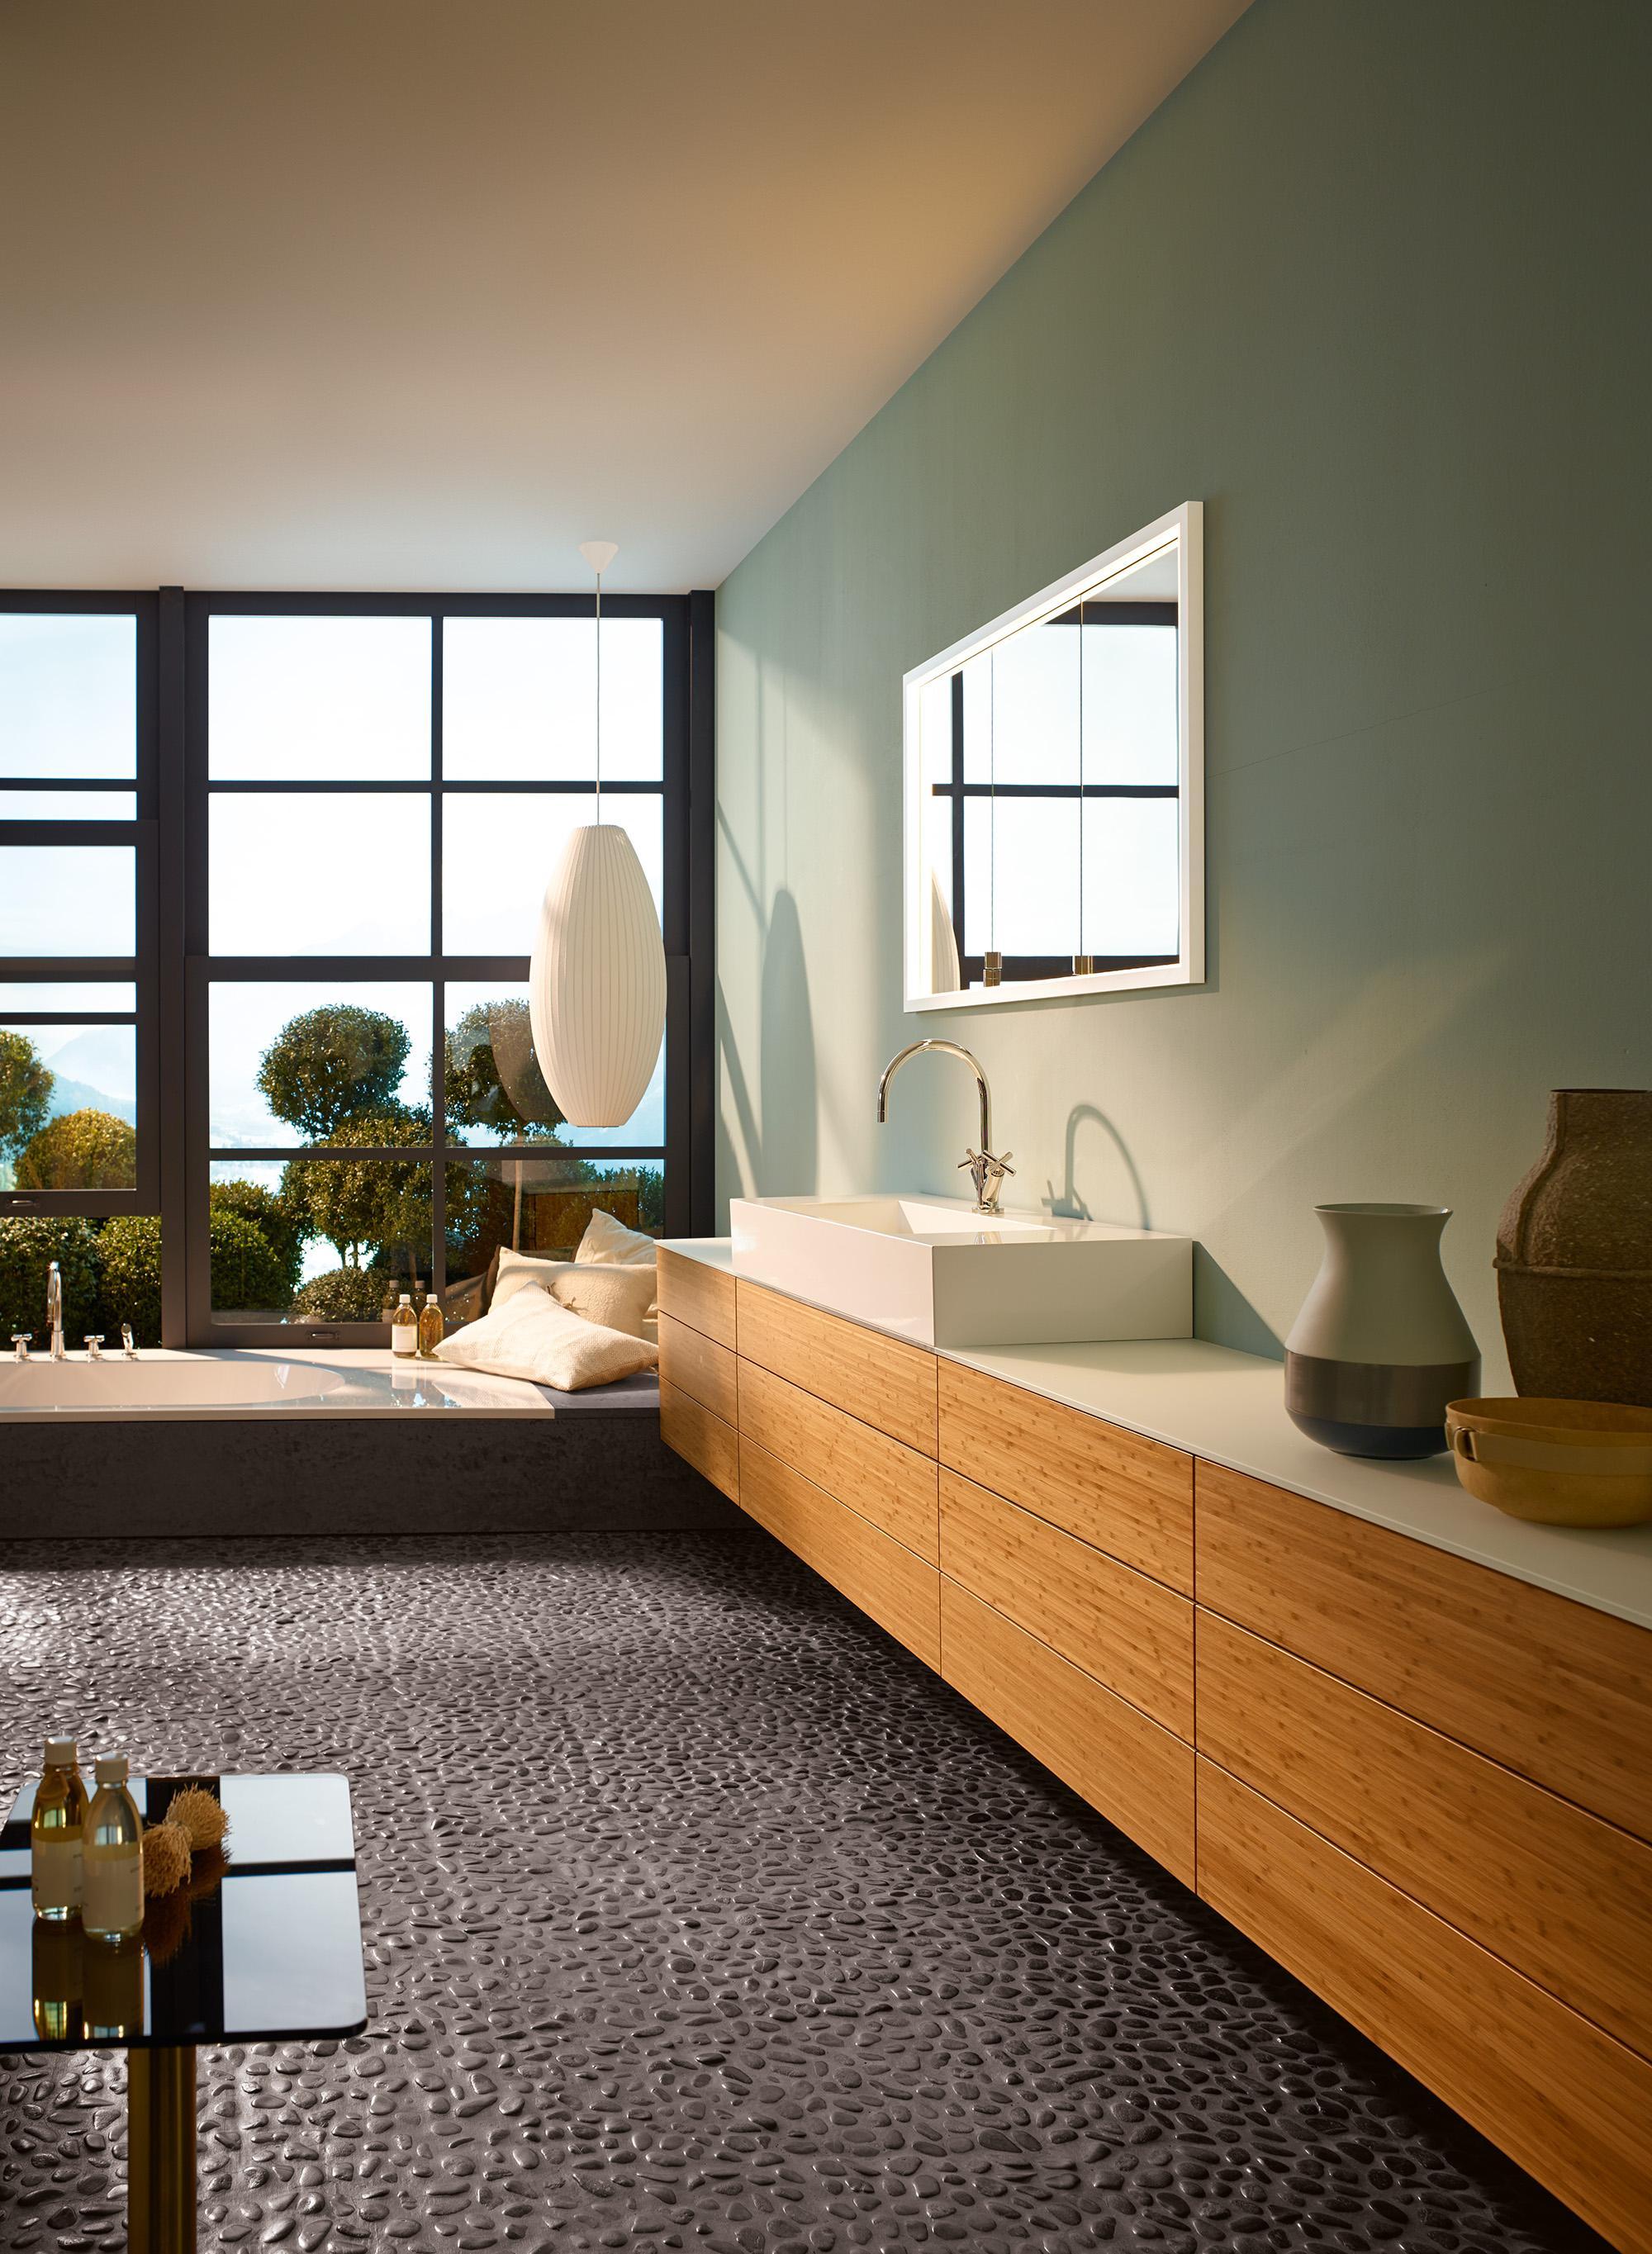 Badezimmer einrichtung bilder ideen couchstyle for Einrichtung badezimmer